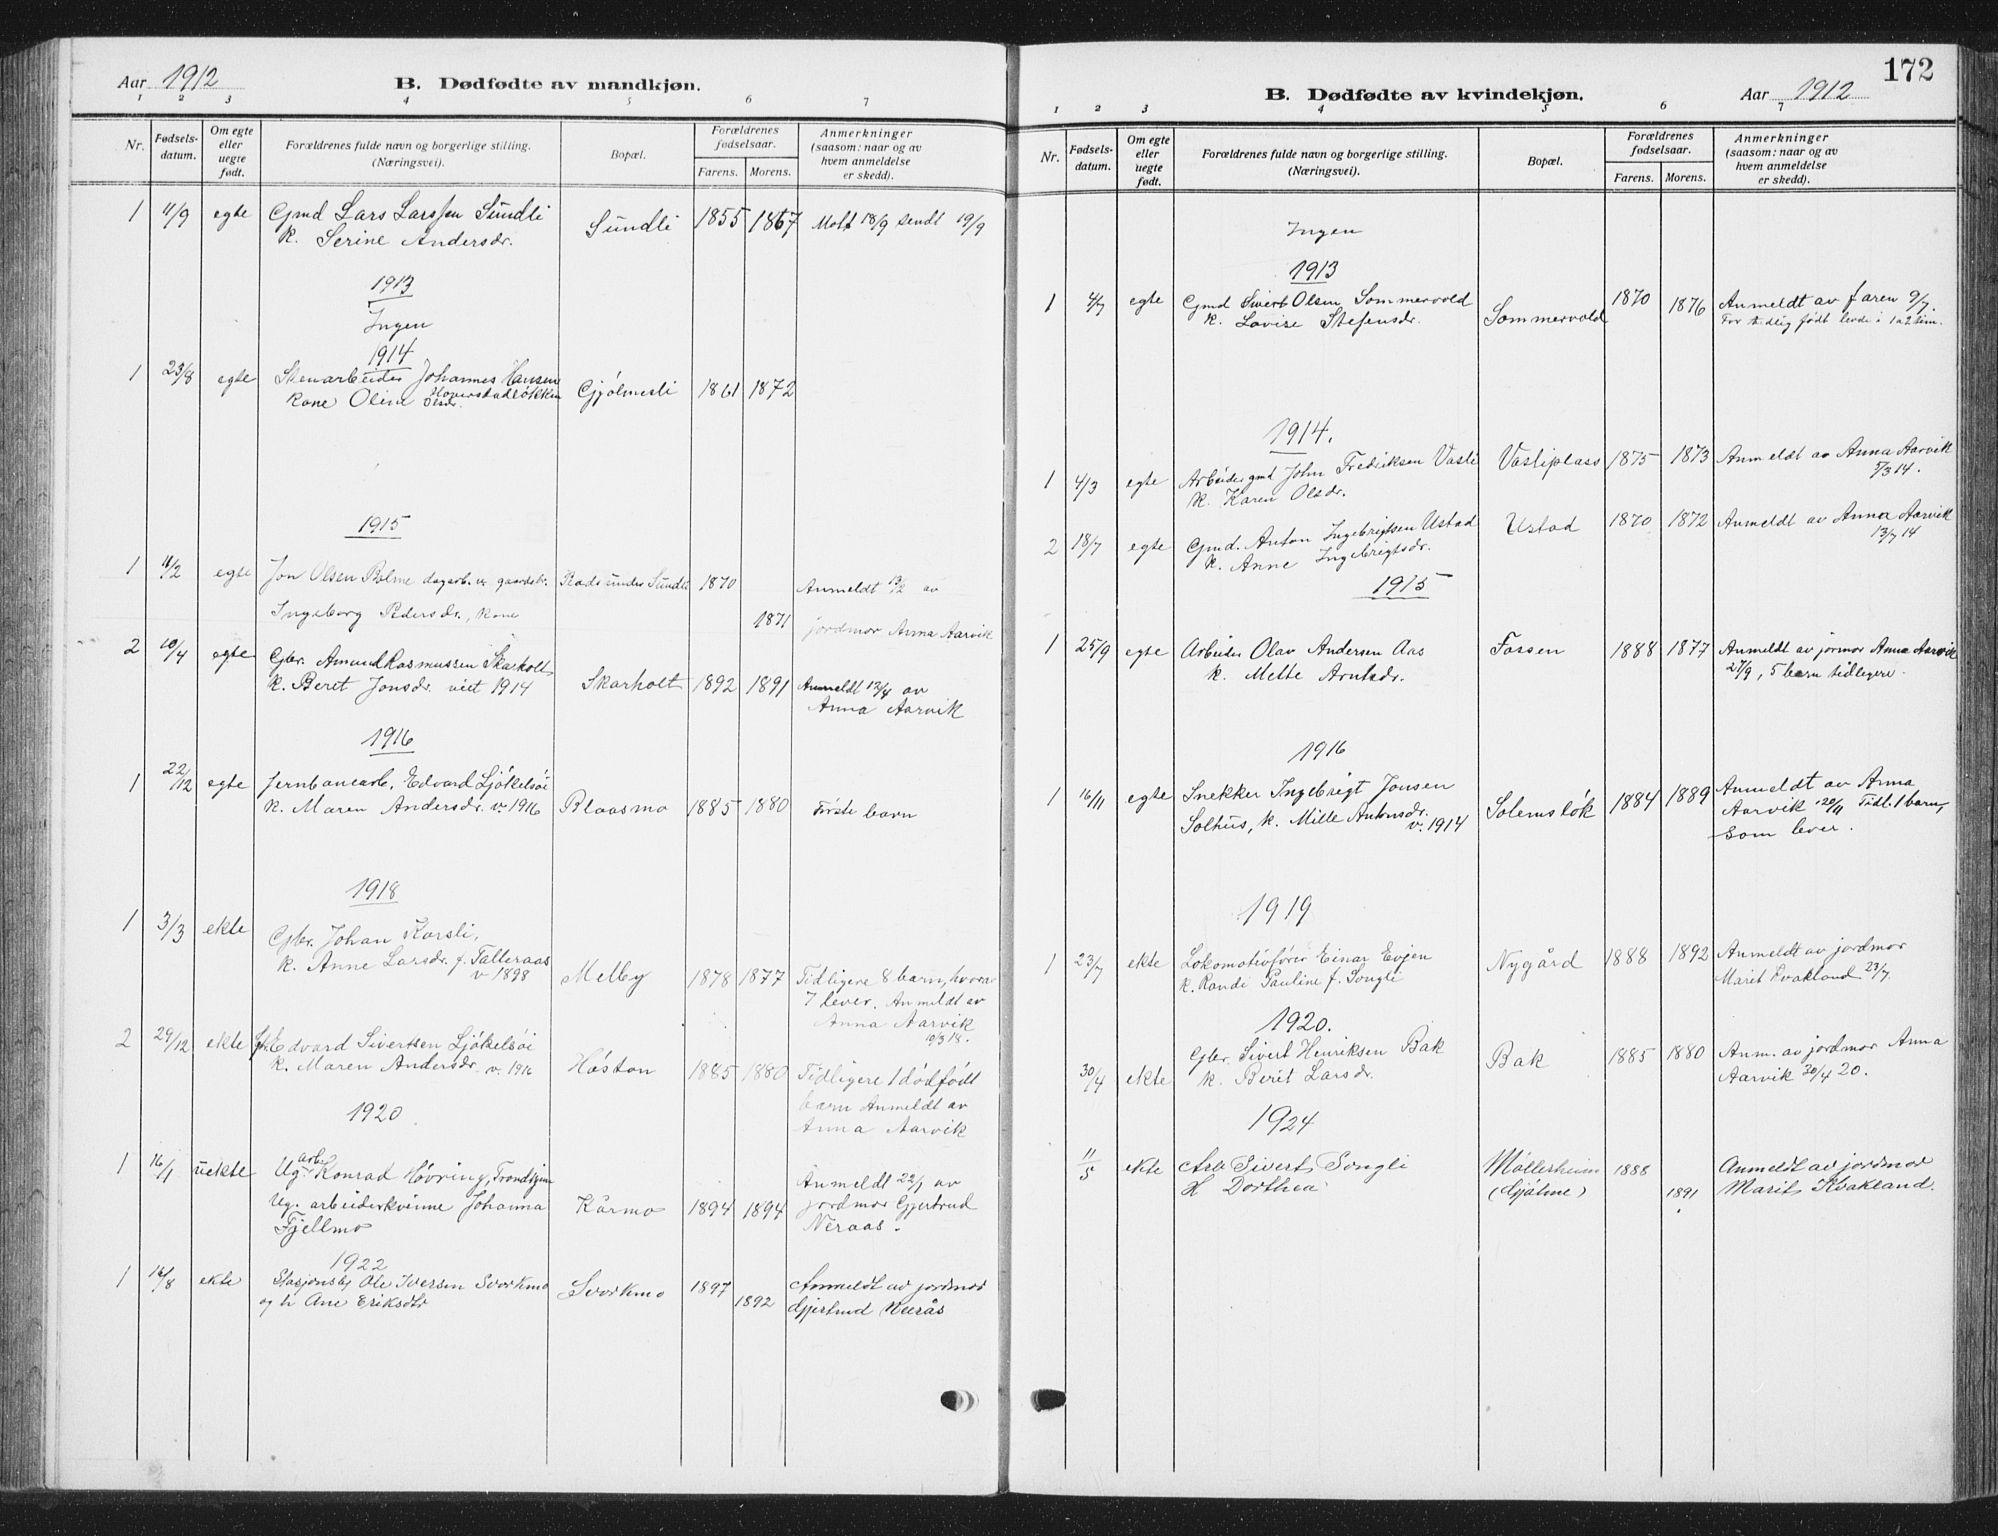 SAT, Ministerialprotokoller, klokkerbøker og fødselsregistre - Sør-Trøndelag, 668/L0820: Klokkerbok nr. 668C09, 1912-1936, s. 172